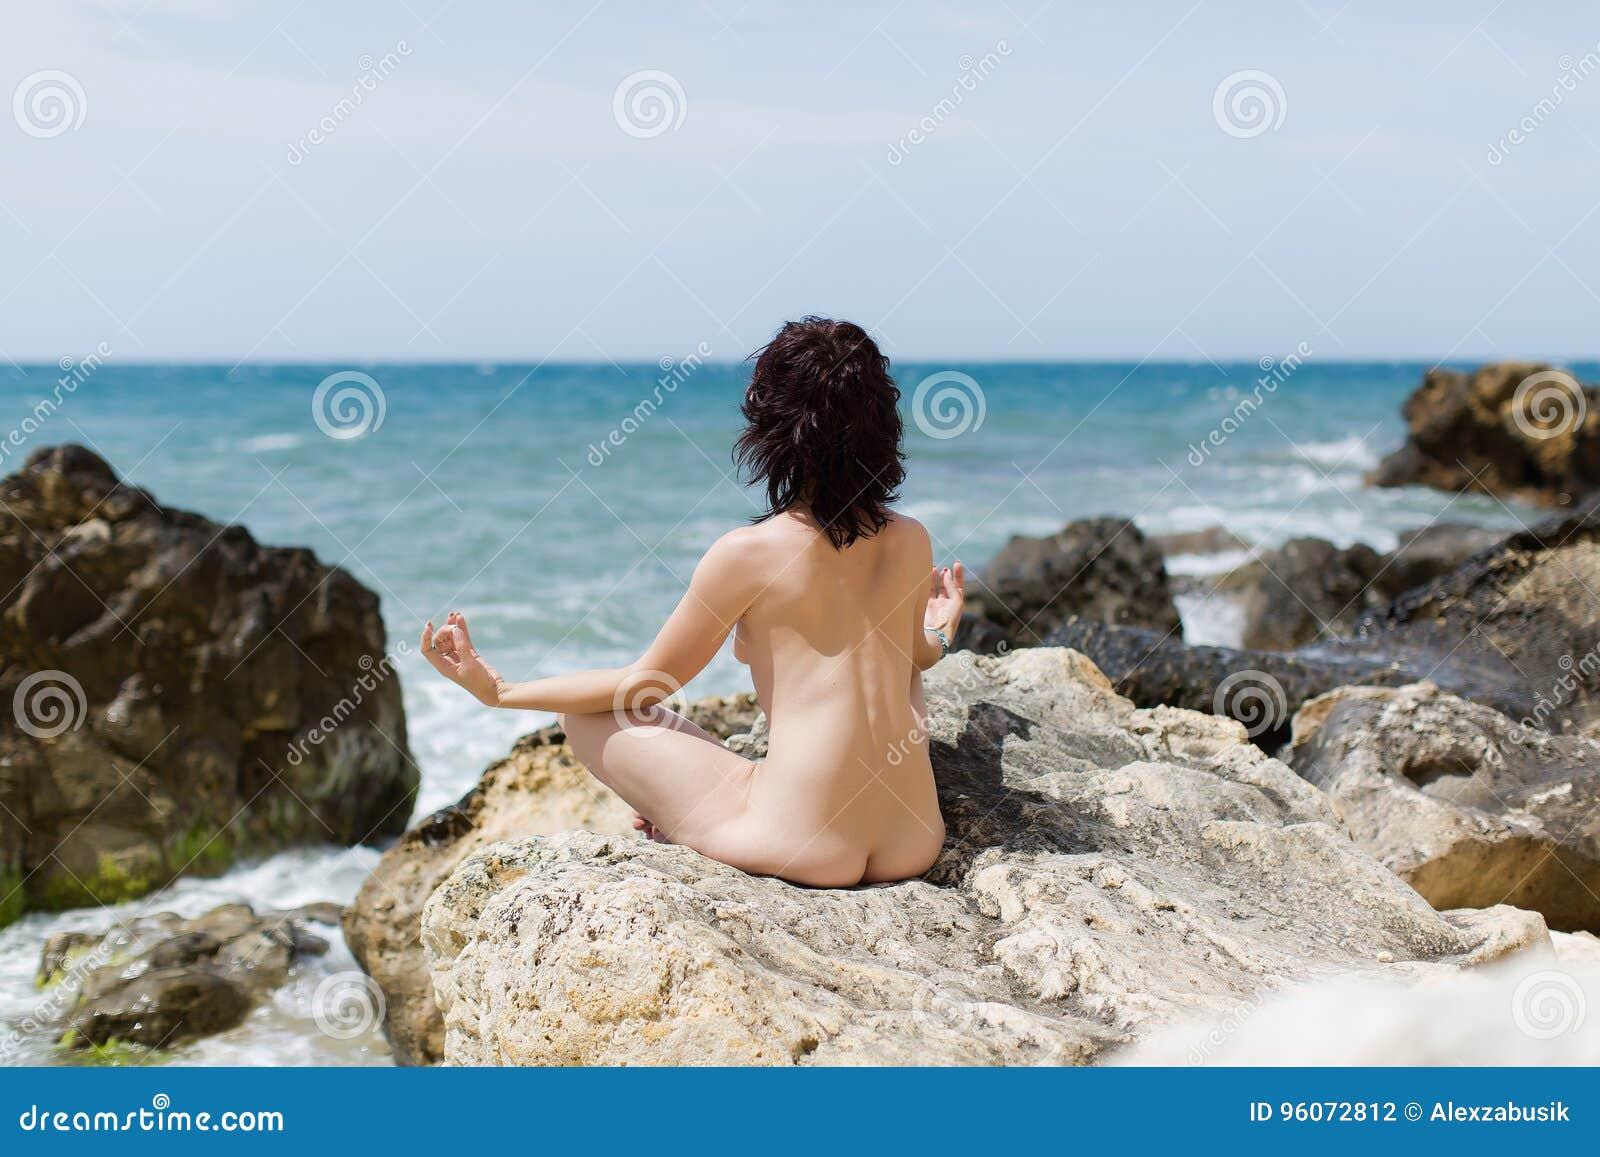 La Mujer Madura Desnuda Se Sienta En Roca En Día Ventoso Foto De